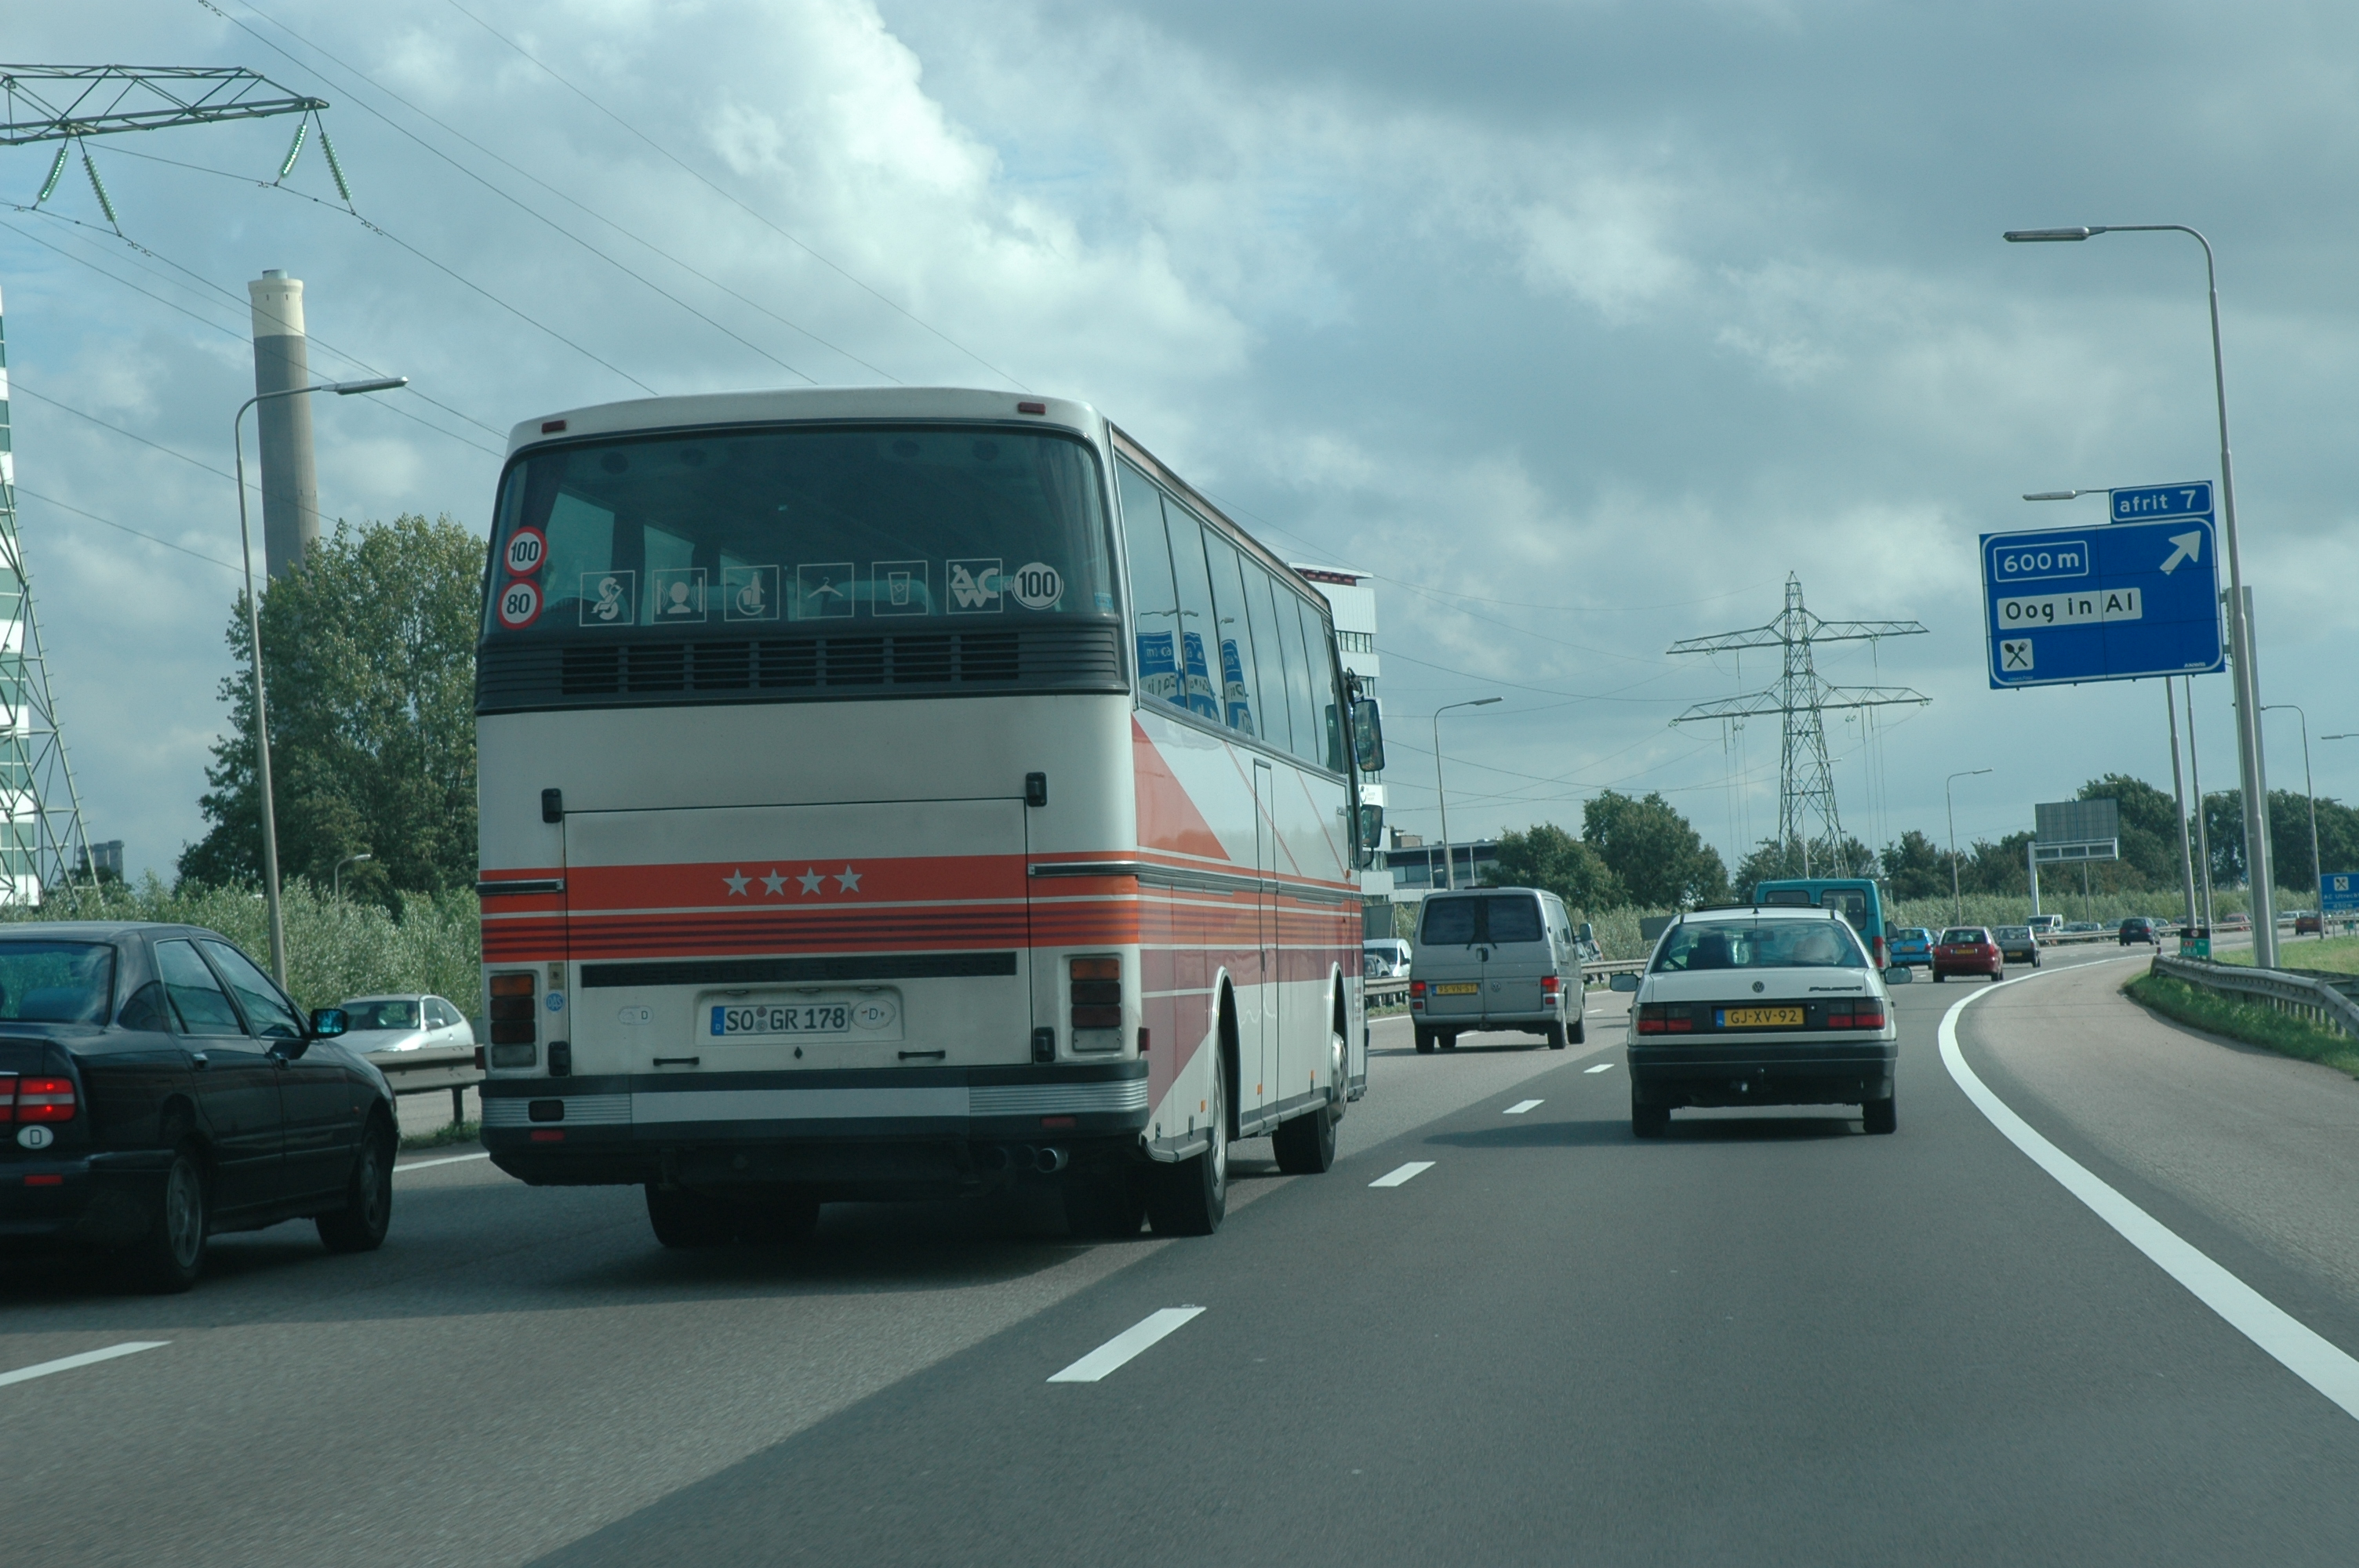 t100-bus T100 bus